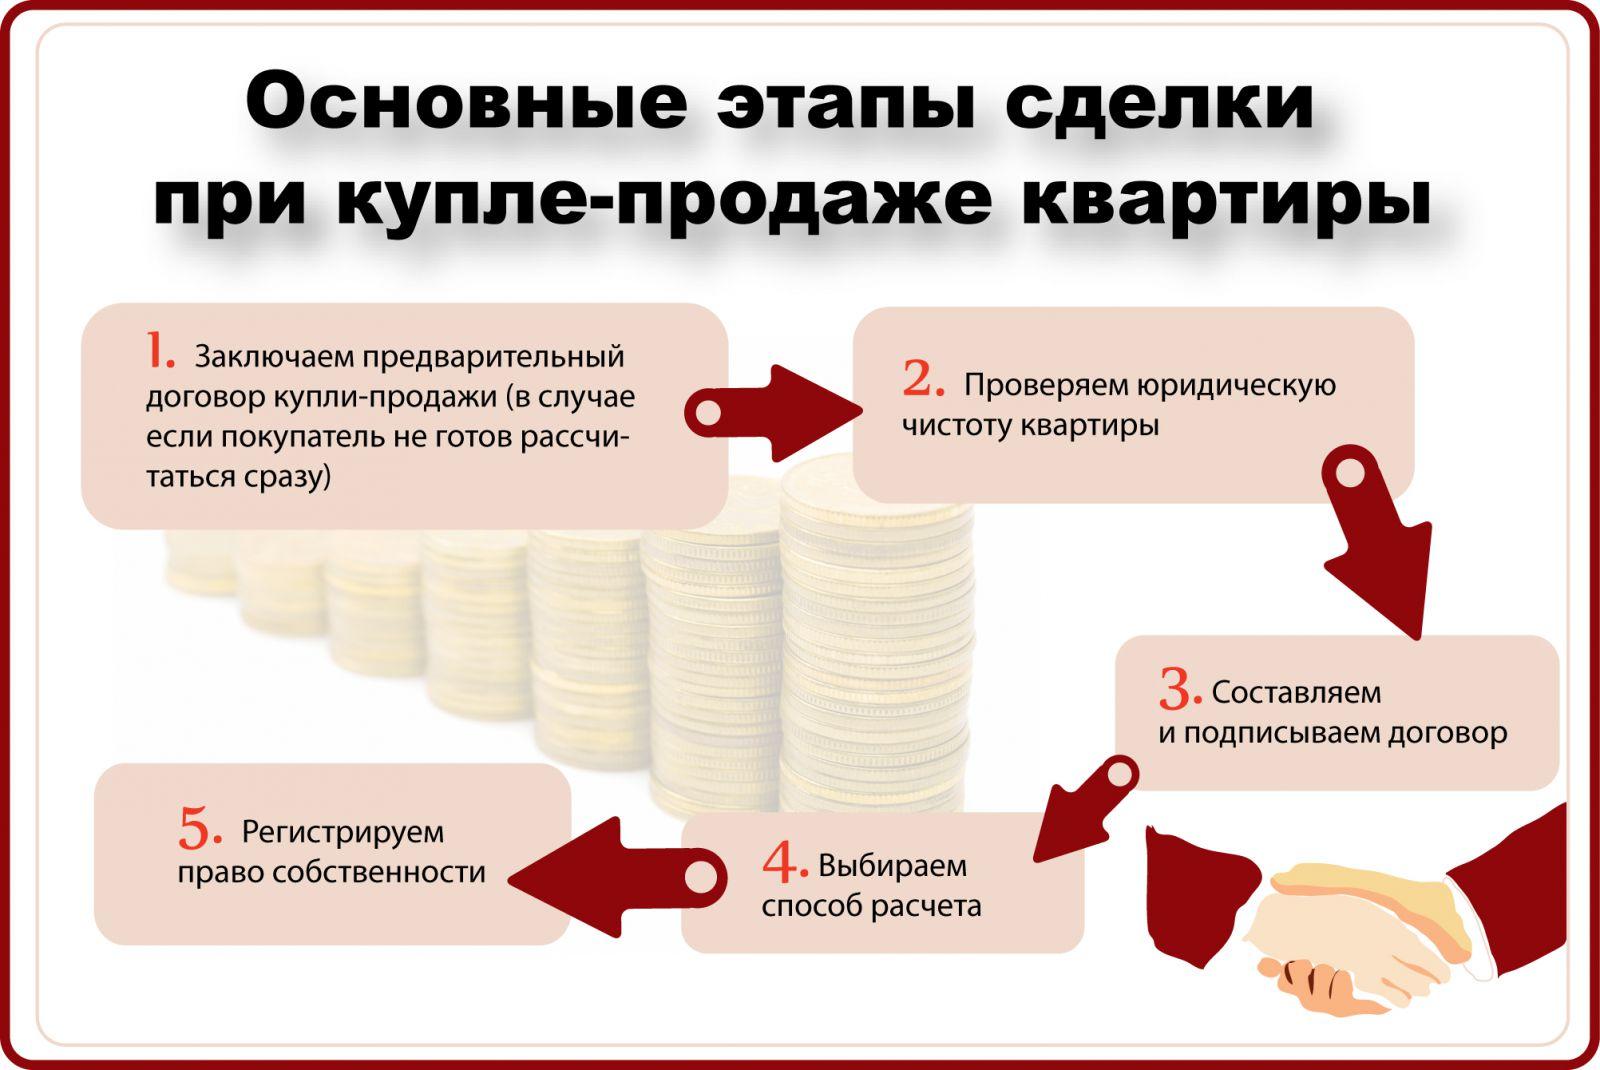 Основные этапы сделки при купле-продаже квартиры